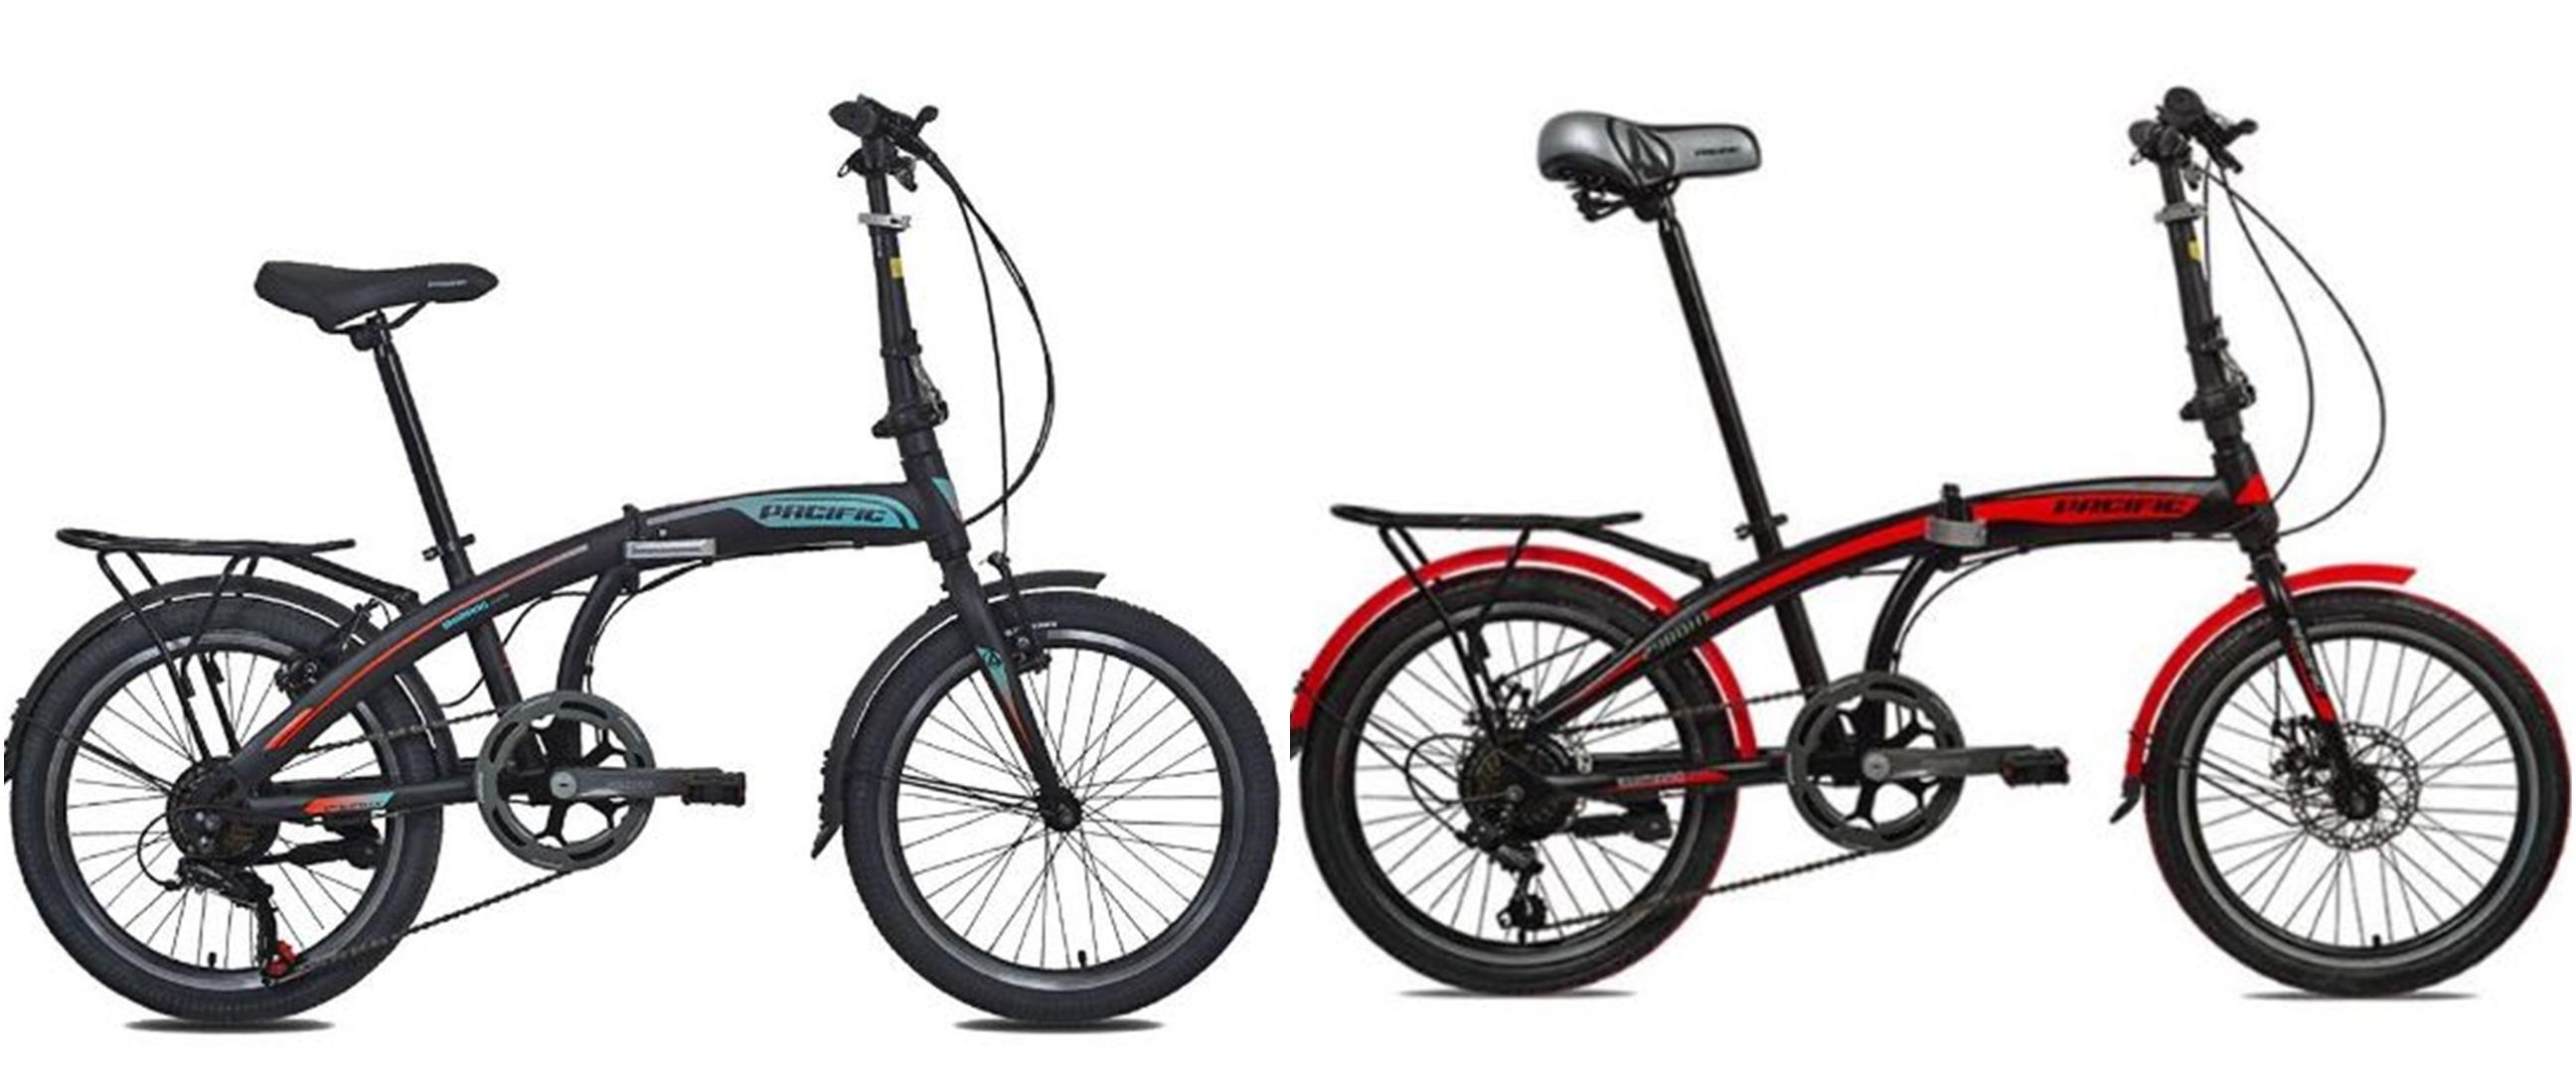 Harga sepeda lipat Pacific di bawah Rp 3,5 juta dan spesifikasinya